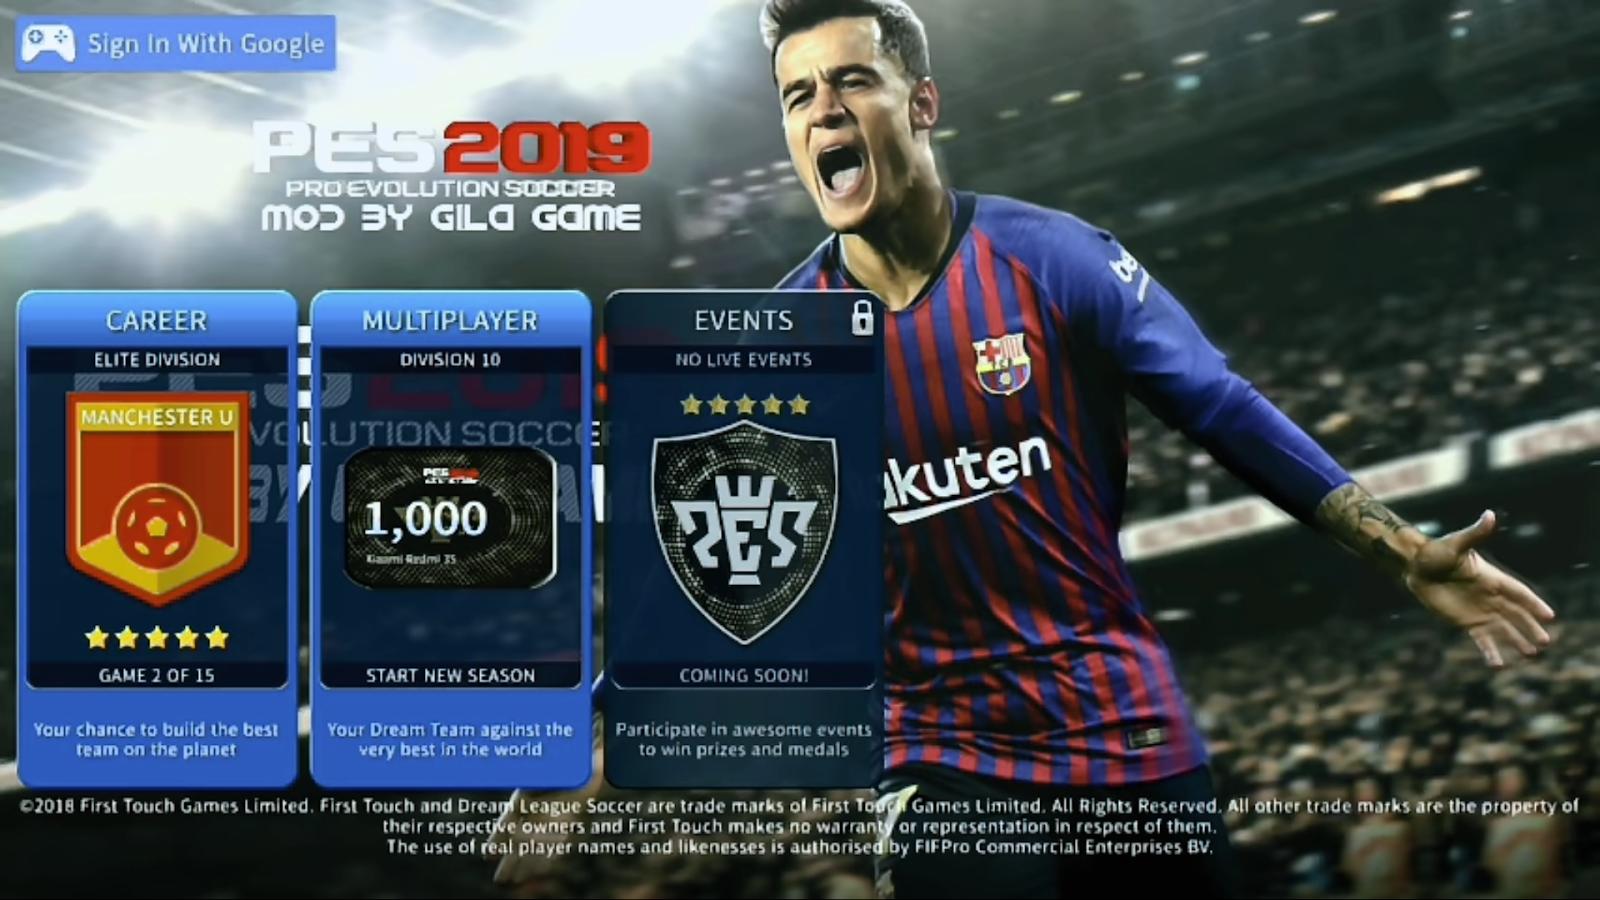 Download Game DLS 2019 mod PES 2019 Mobile Lite Apk + Data +